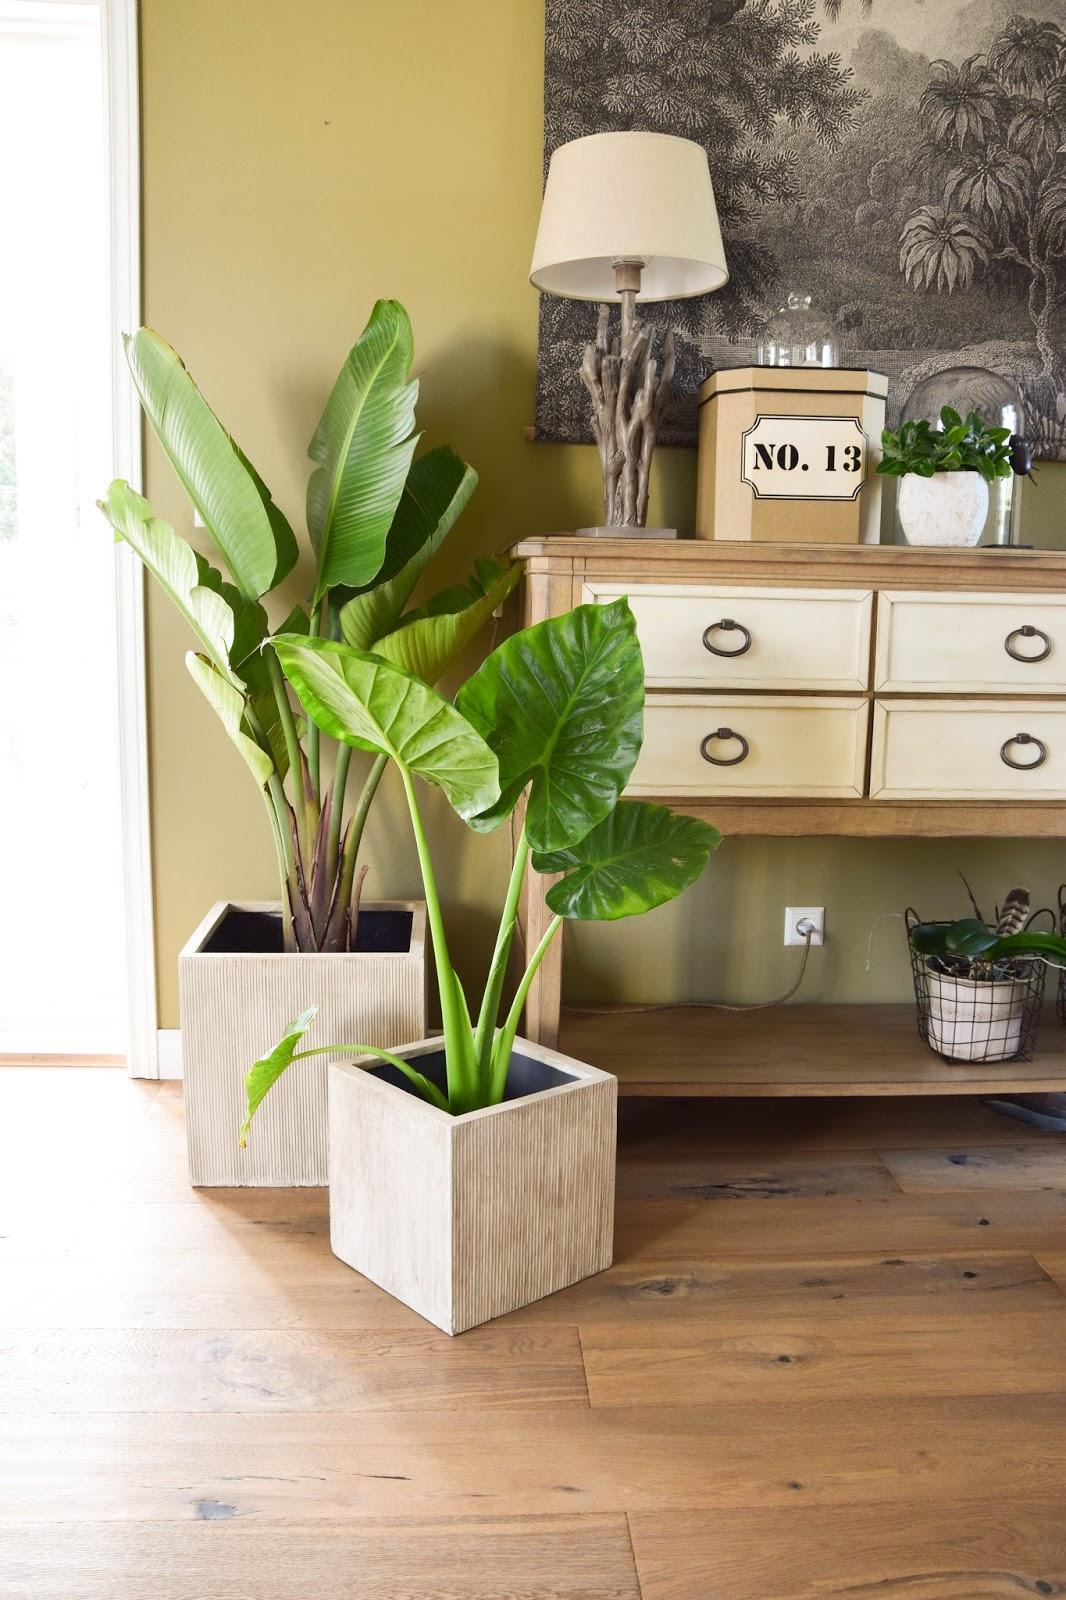 Botanical Style und neue Deko fürs Wohnzimmer mit Übertöpfen von VIVANNO. Dekoideen, Deko, Dekoration, Interior, Blumenkübel, Blumentopf